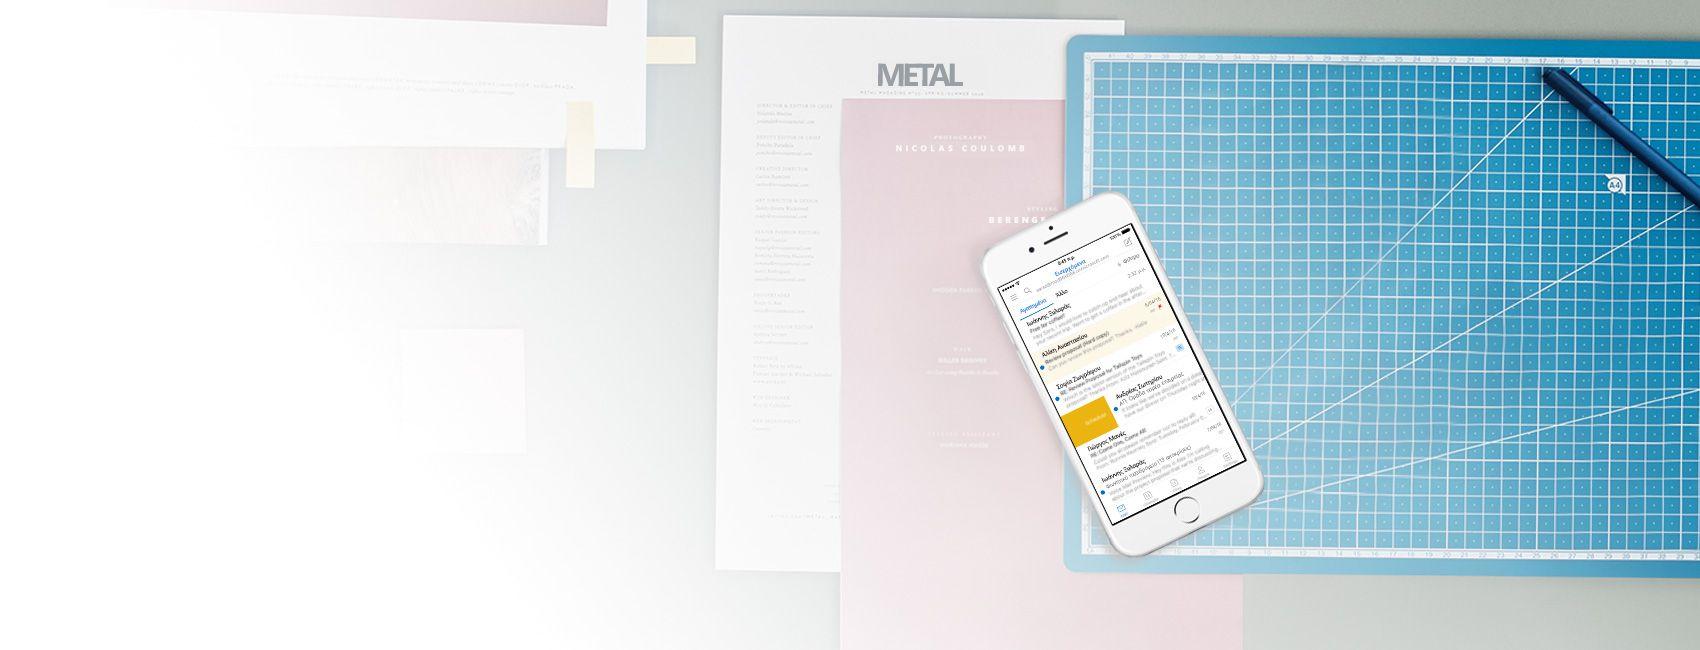 Ένα τηλέφωνο που εμφανίζει τα εισερχόμενα ηλεκτρονικού ταχυδρομείου στην εφαρμογή του Outlook